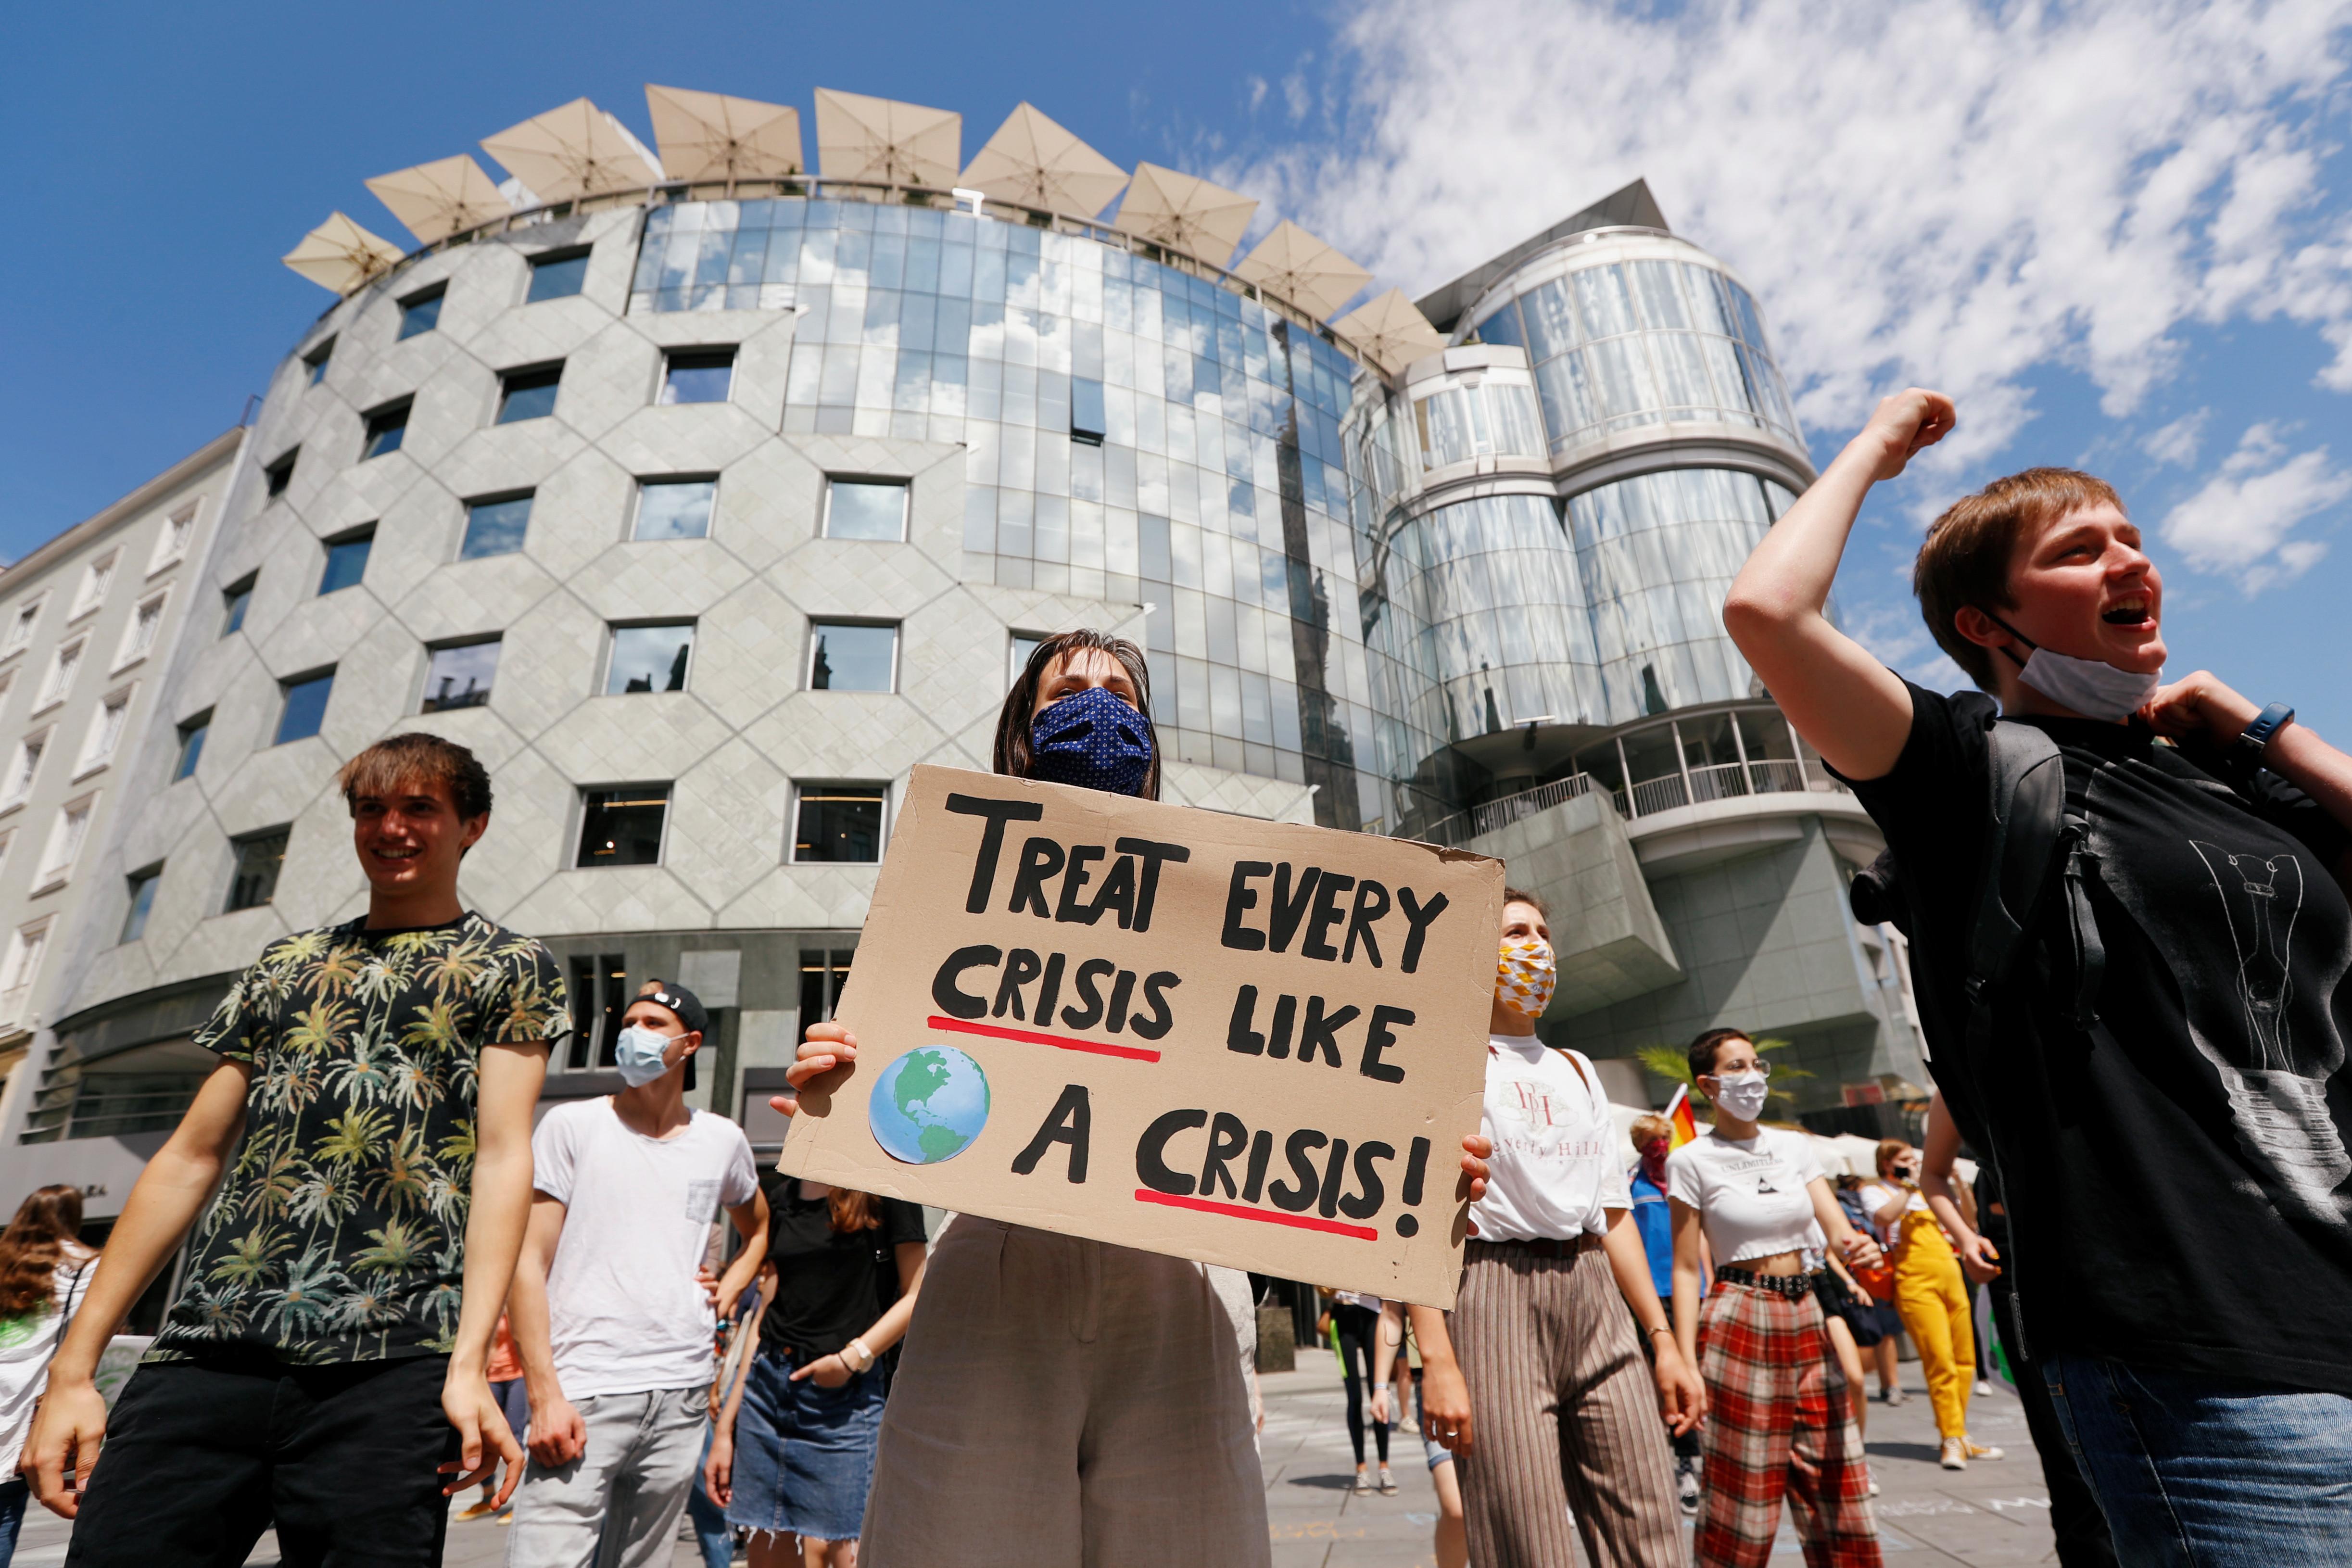 La gente asiste a una marcha de protesta para llamar a la acción contra el cambio climático, mientras continúa la propagación de la enfermedad coronavirus (COVID-19), en Viena, Austria, el 26 de junio de 2020.